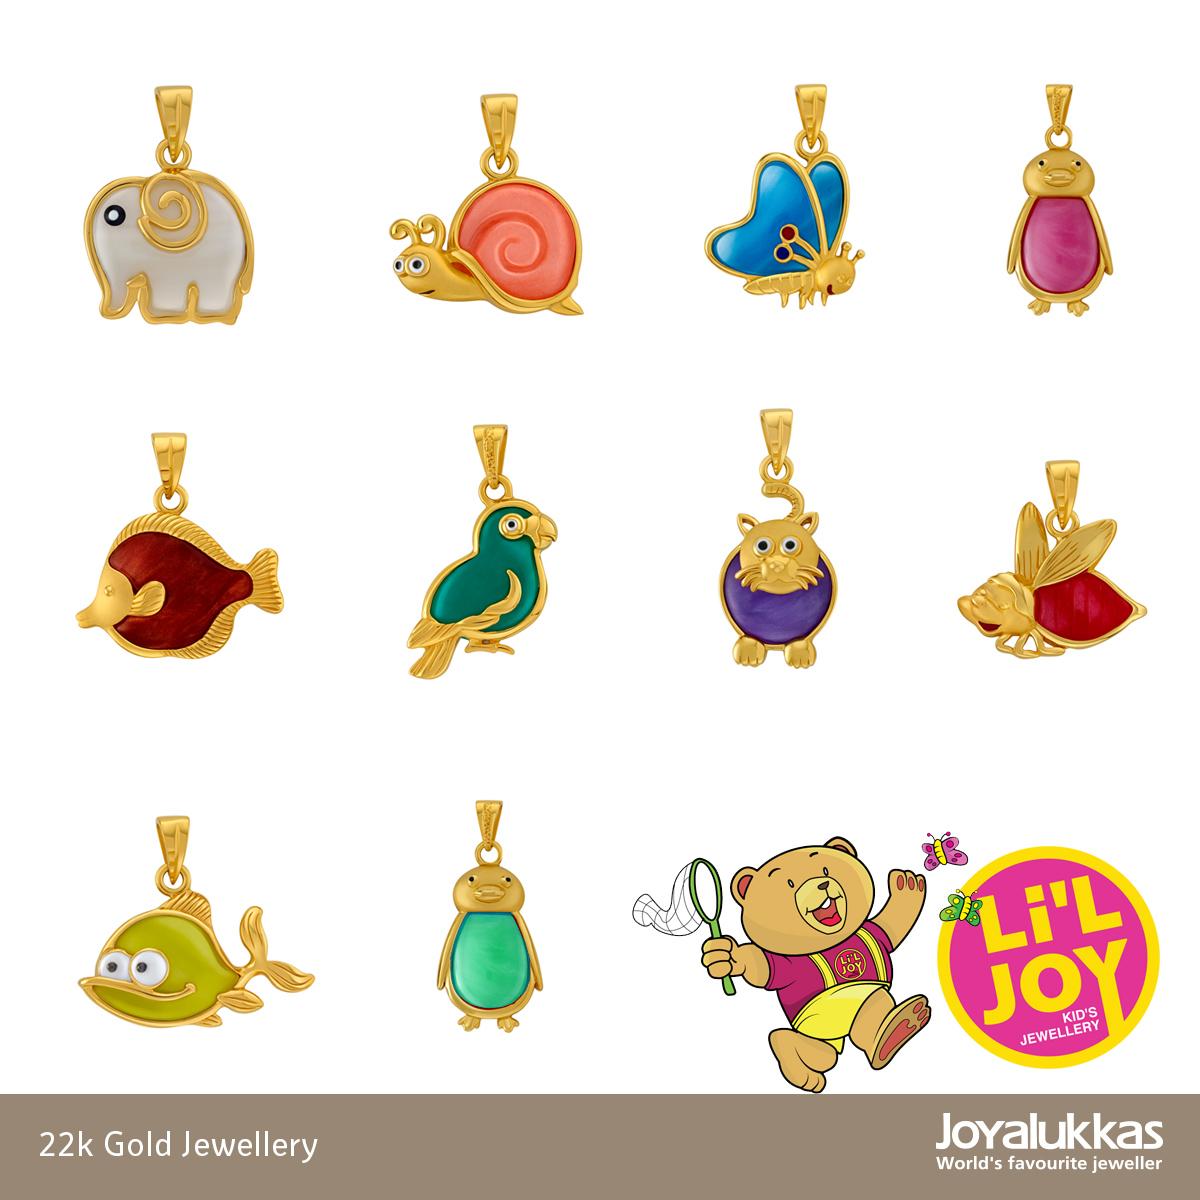 Joyalukkas Jewelry - Google+